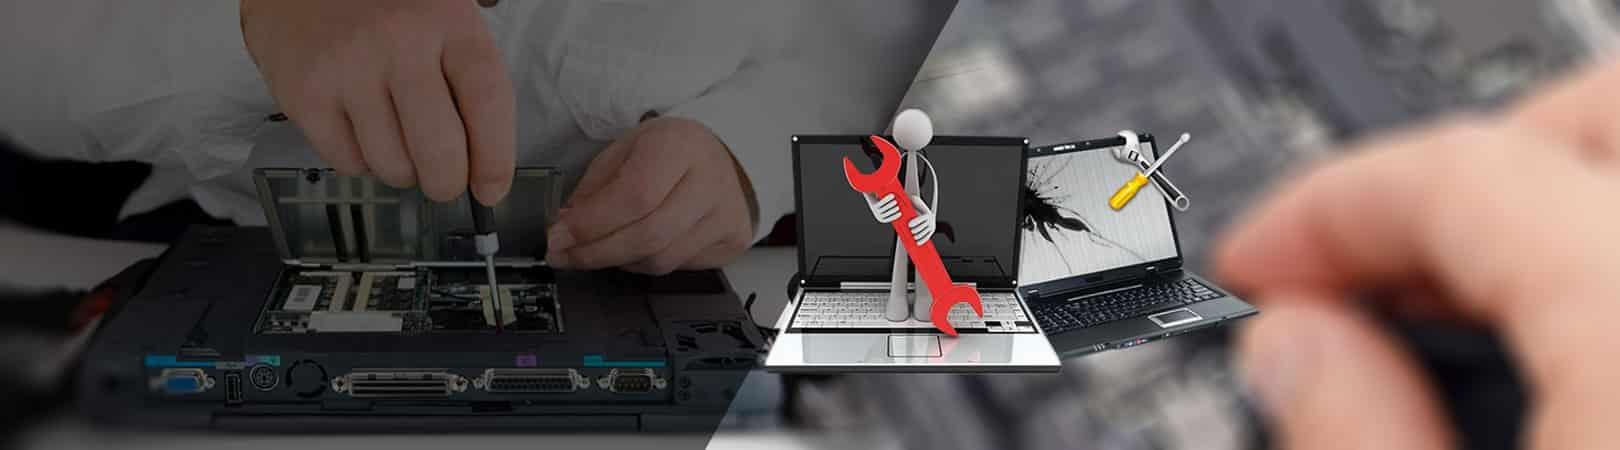 banner image - Samsung Laptop water Damage